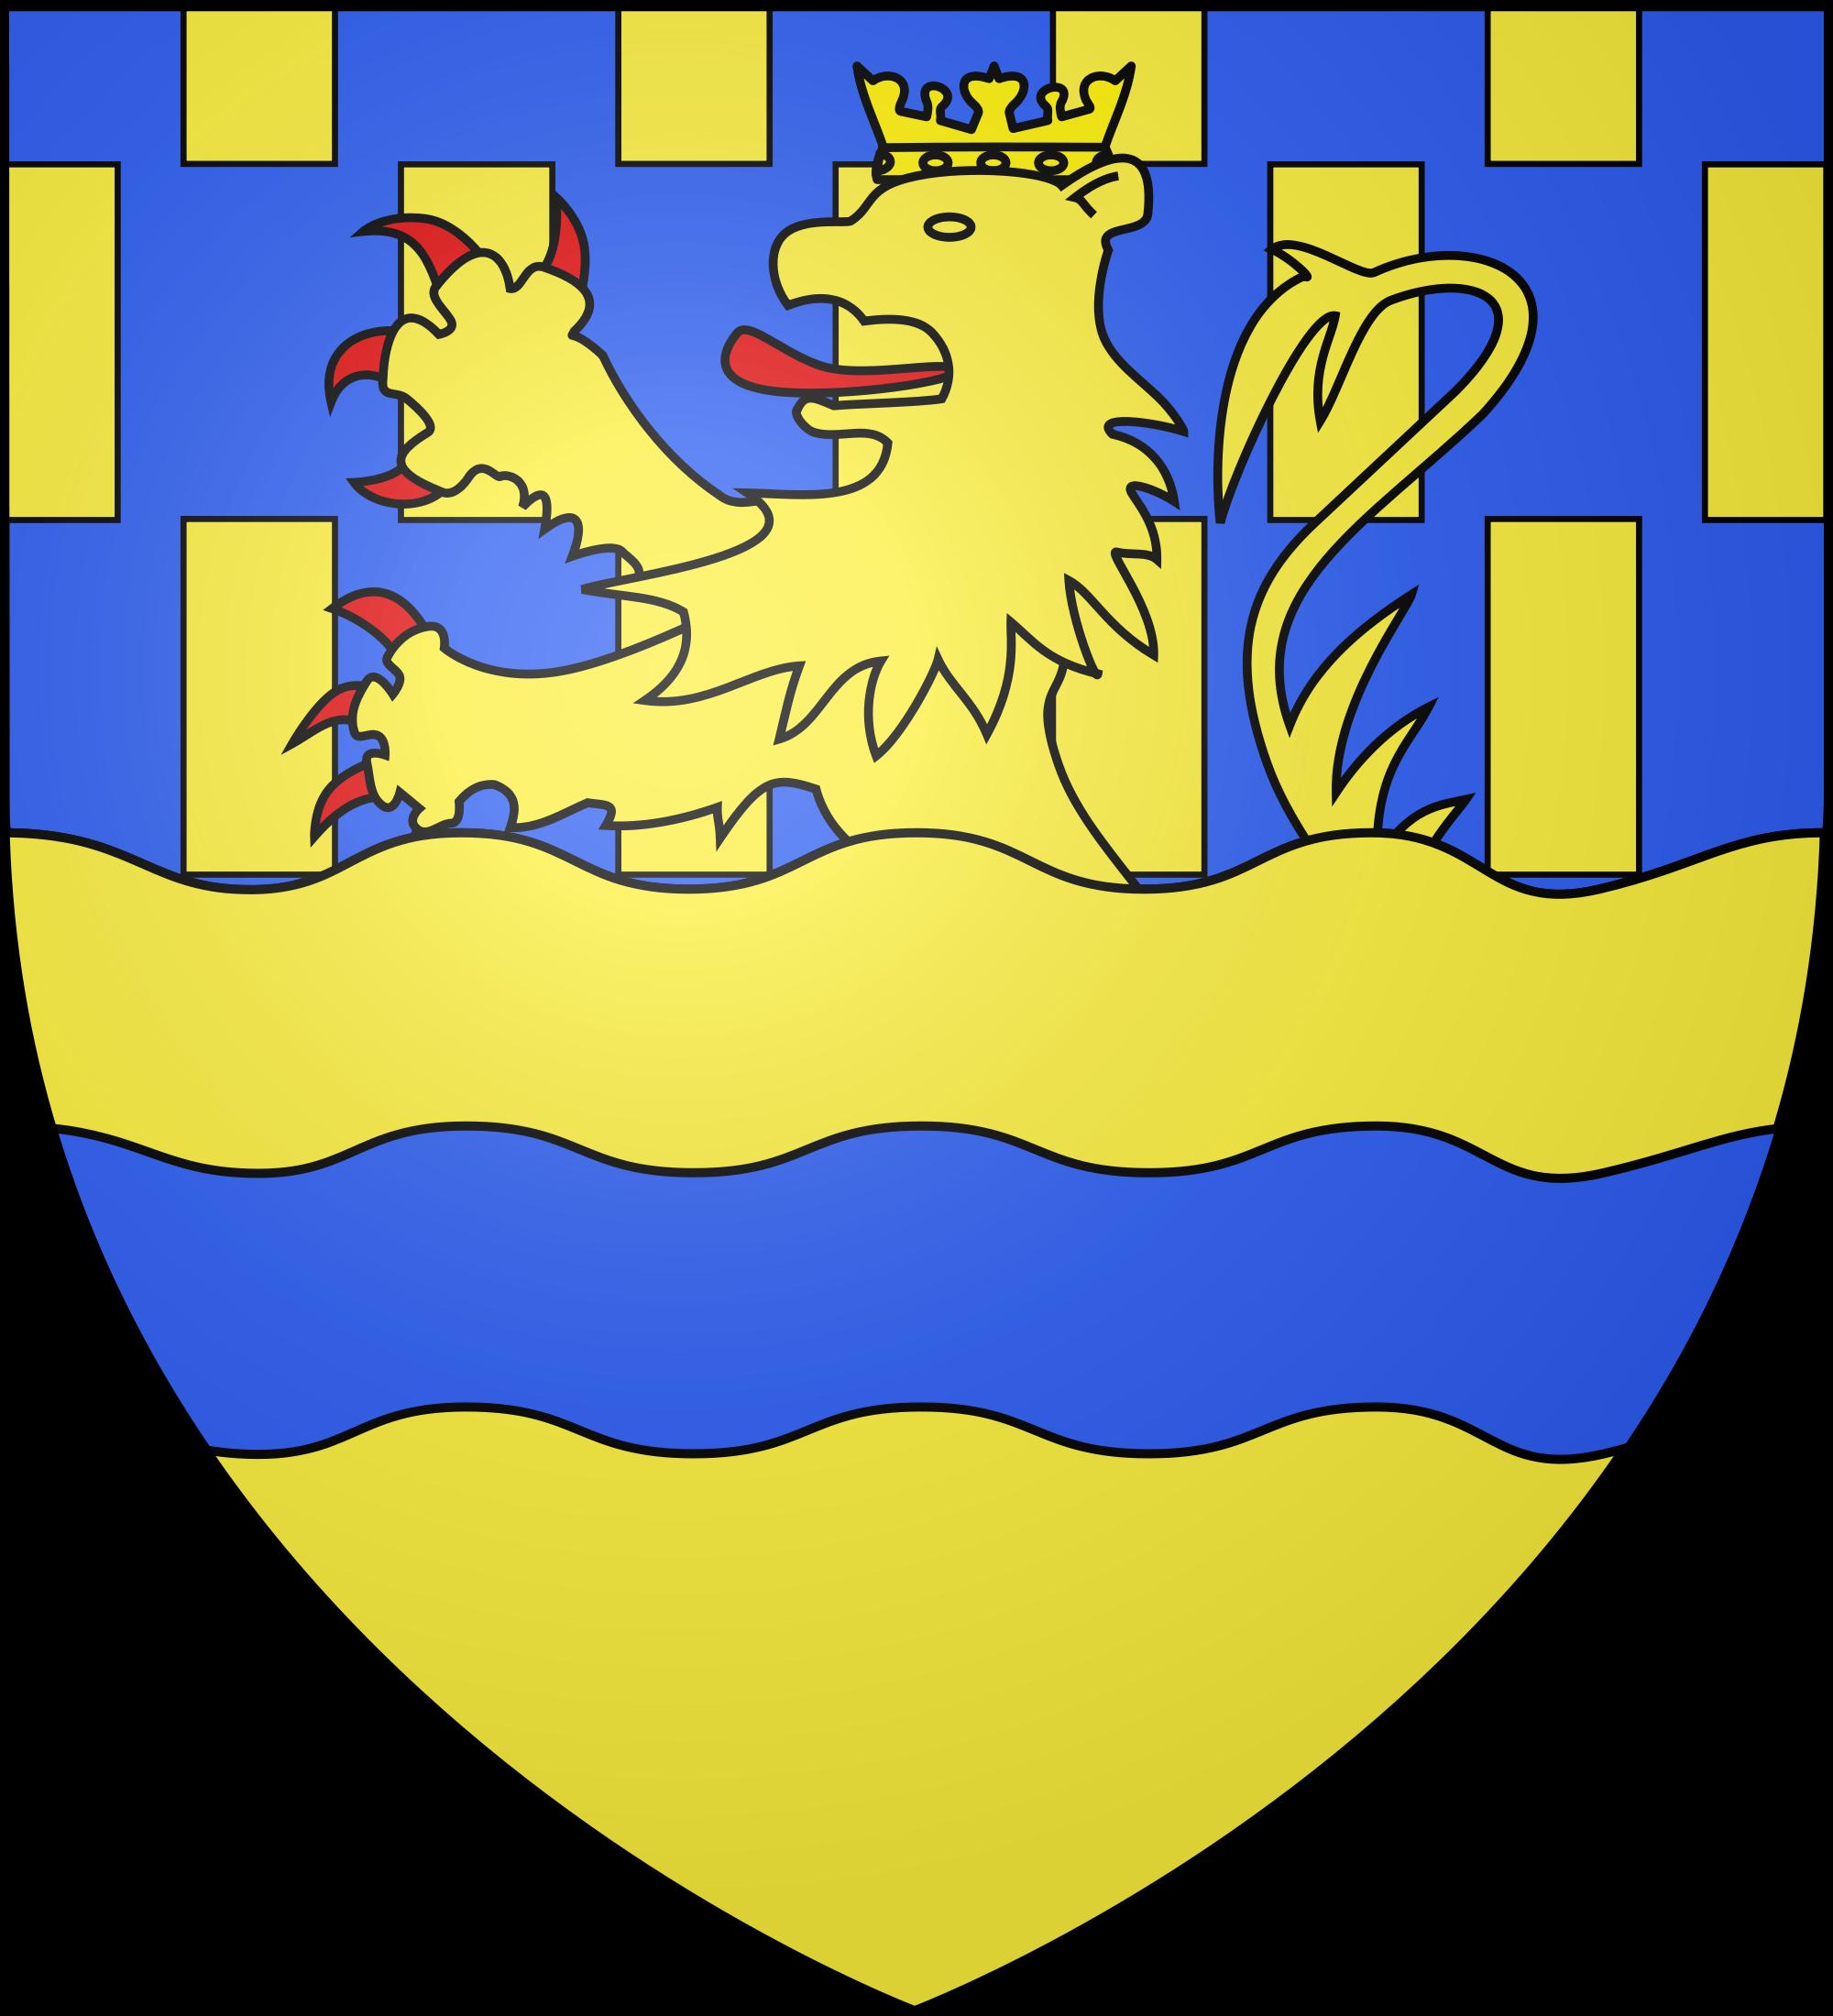 File:Blason département fr Doubs.svg.